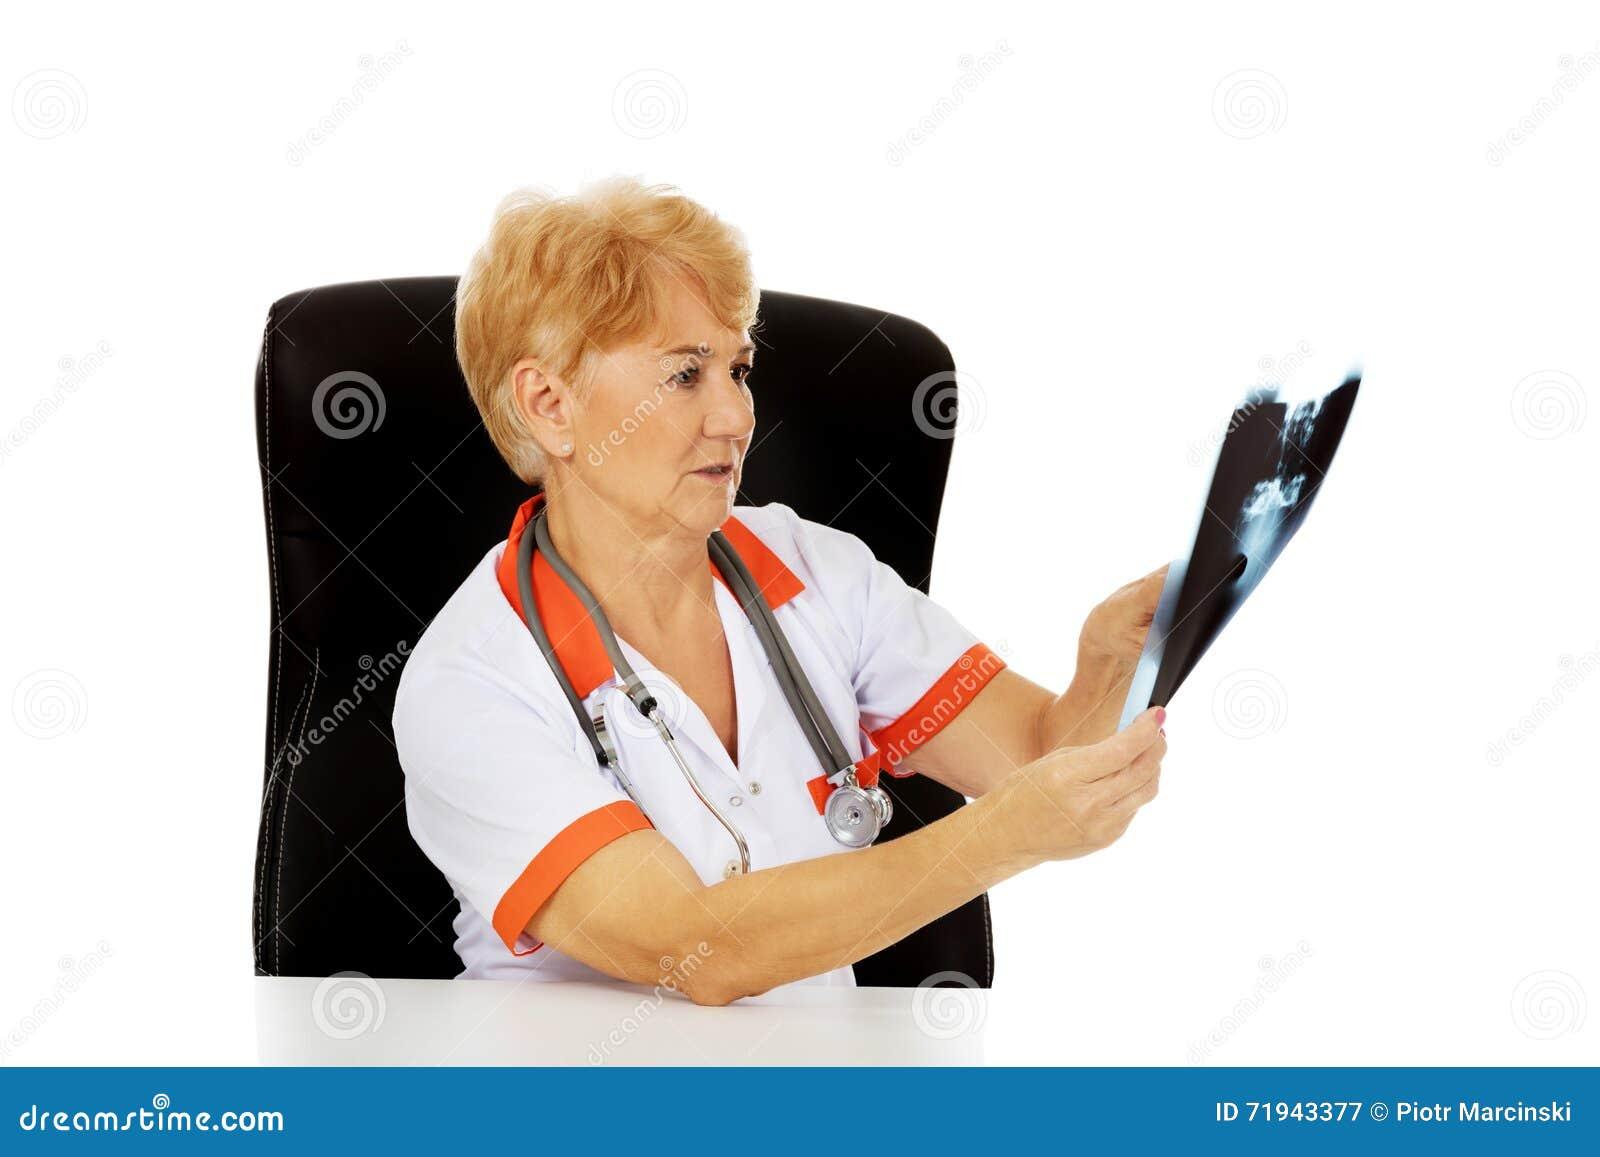 Задумчивый пожилой женский доктор ища фото рентгеновского снимка